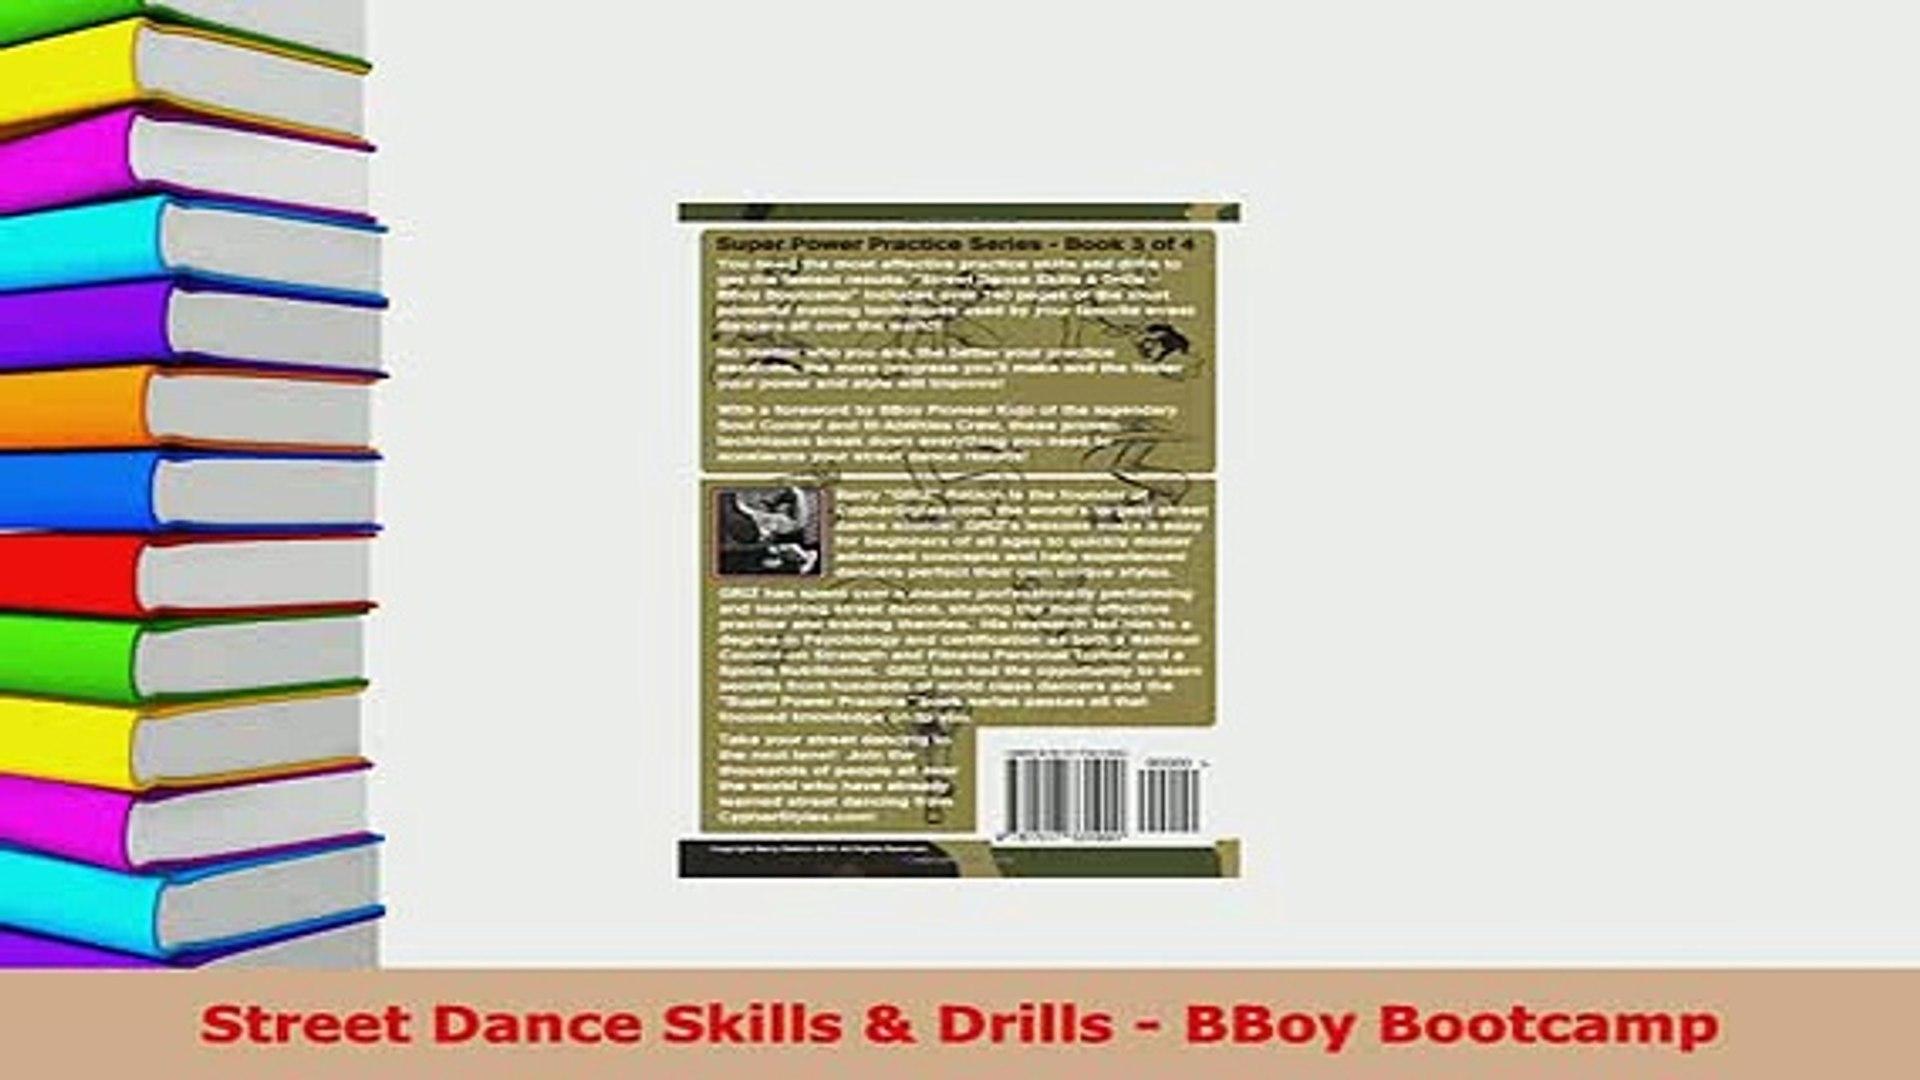 Street Dance Skills Amp Drills Bboy Bootcamp Super Power Practice Book 3